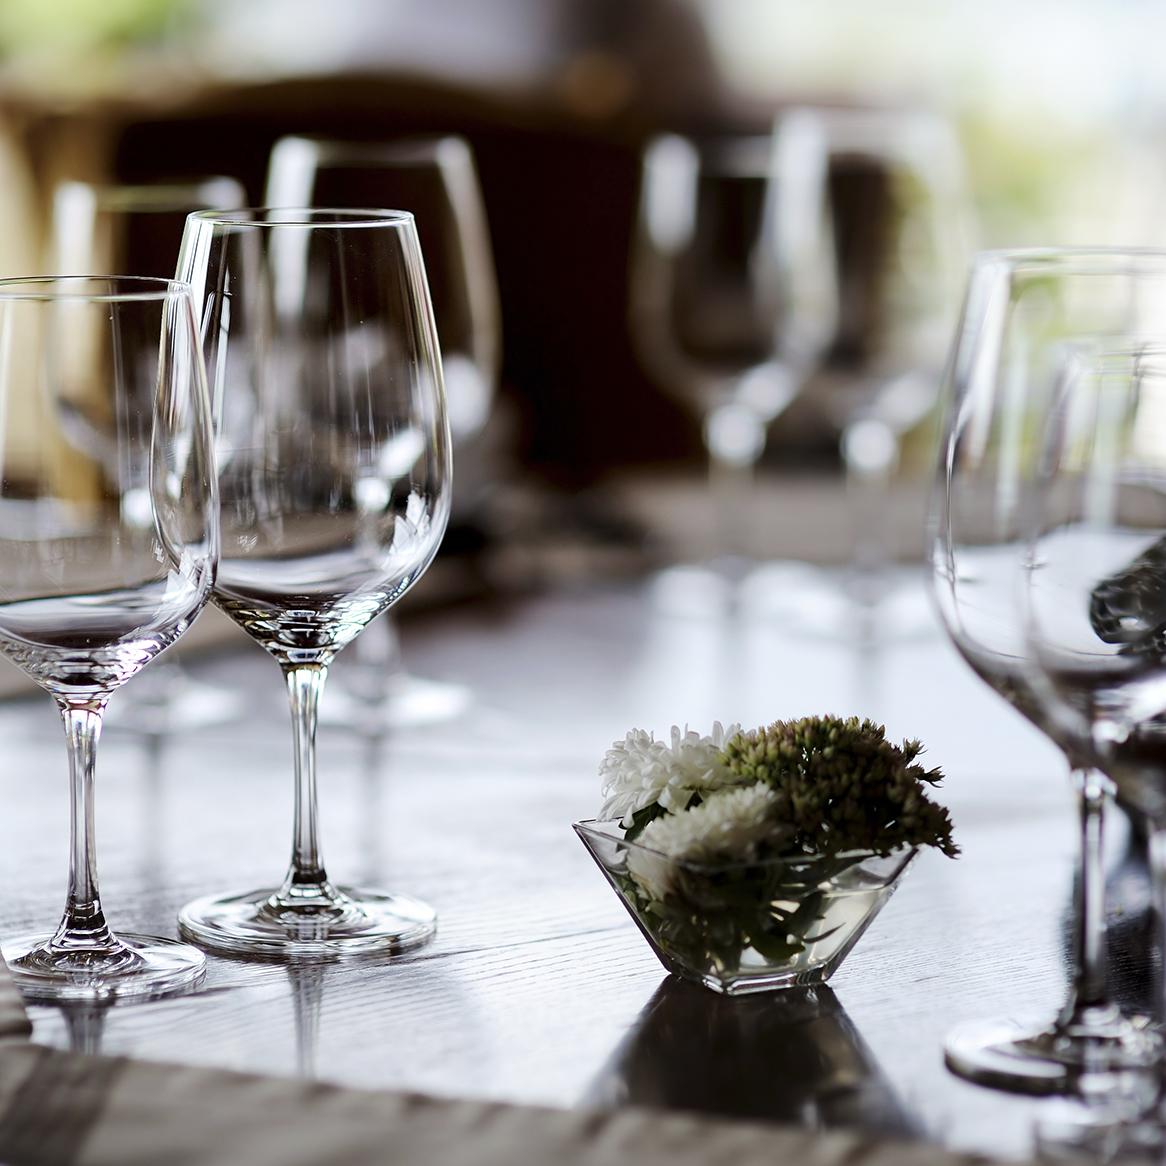 Hold fest og selskaber på Restaurant Muuh i Rækker Mølle Bryghus